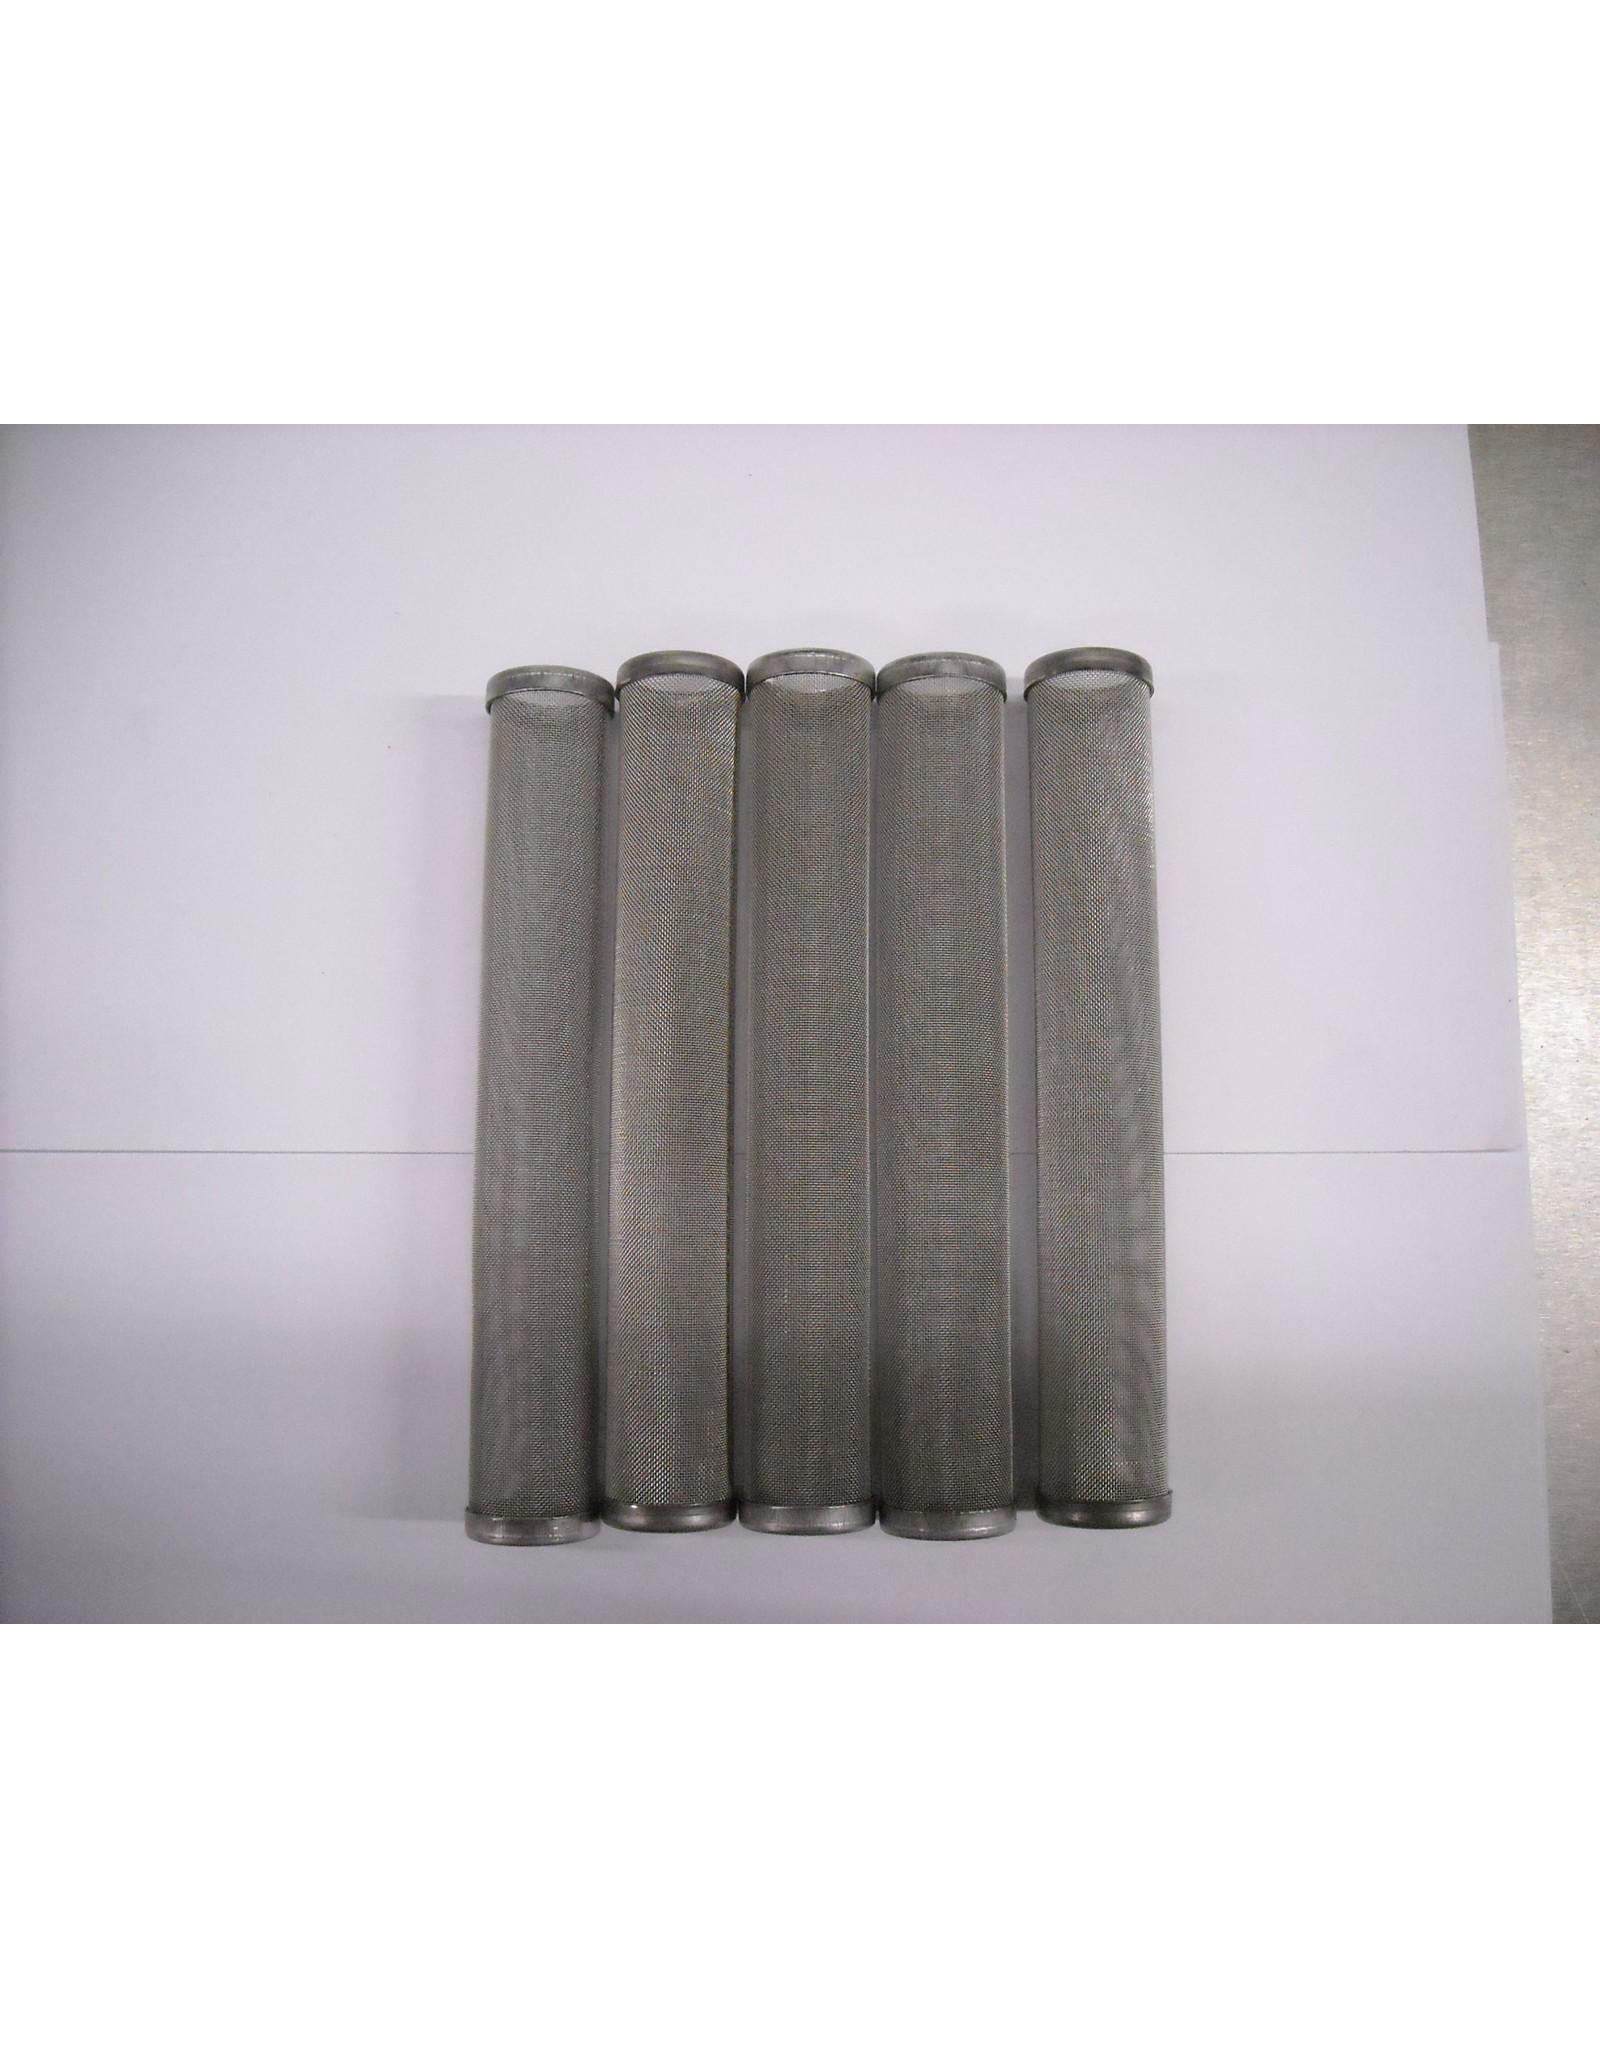 Titan 730-067-5 Titan Outlet Filter 5 Pack